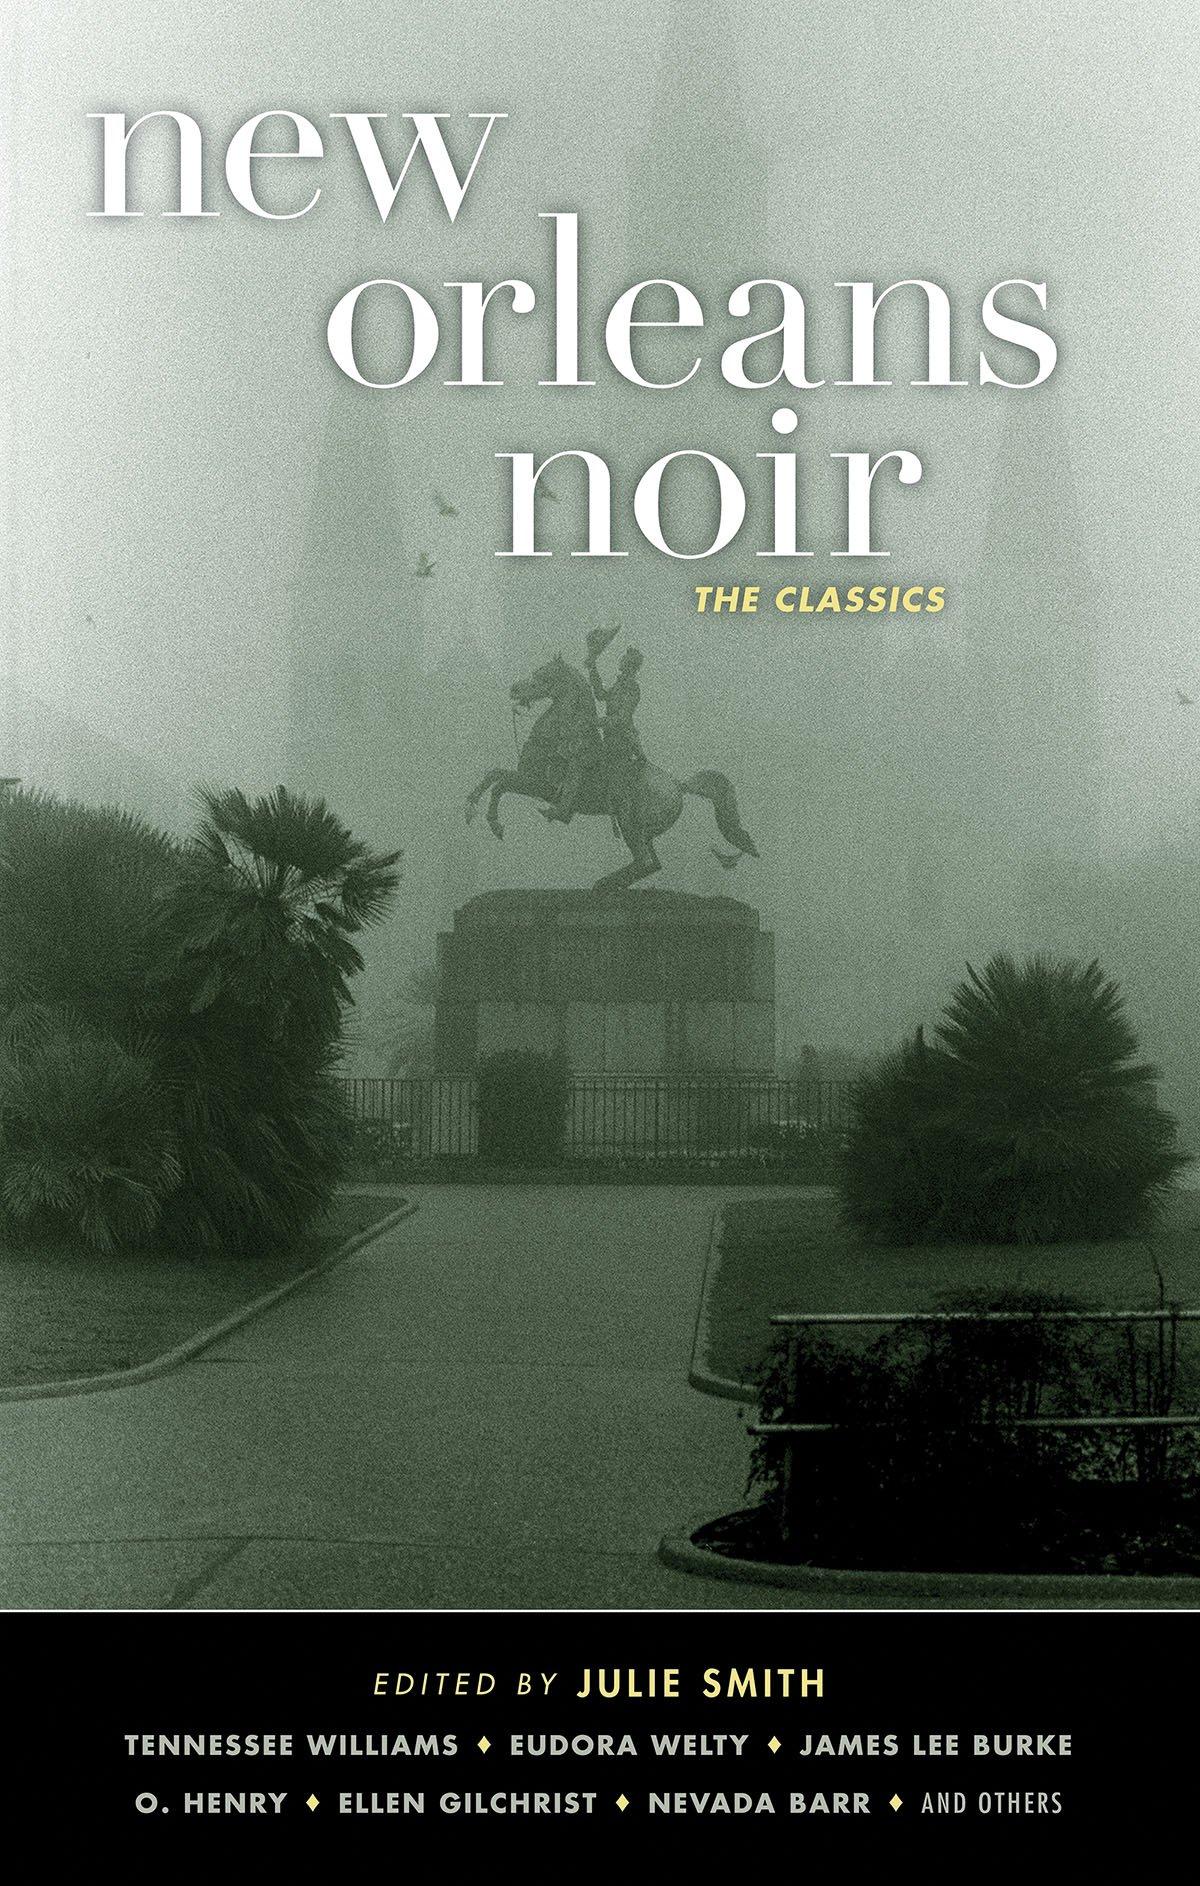 Free Fall - A Noir Short Story